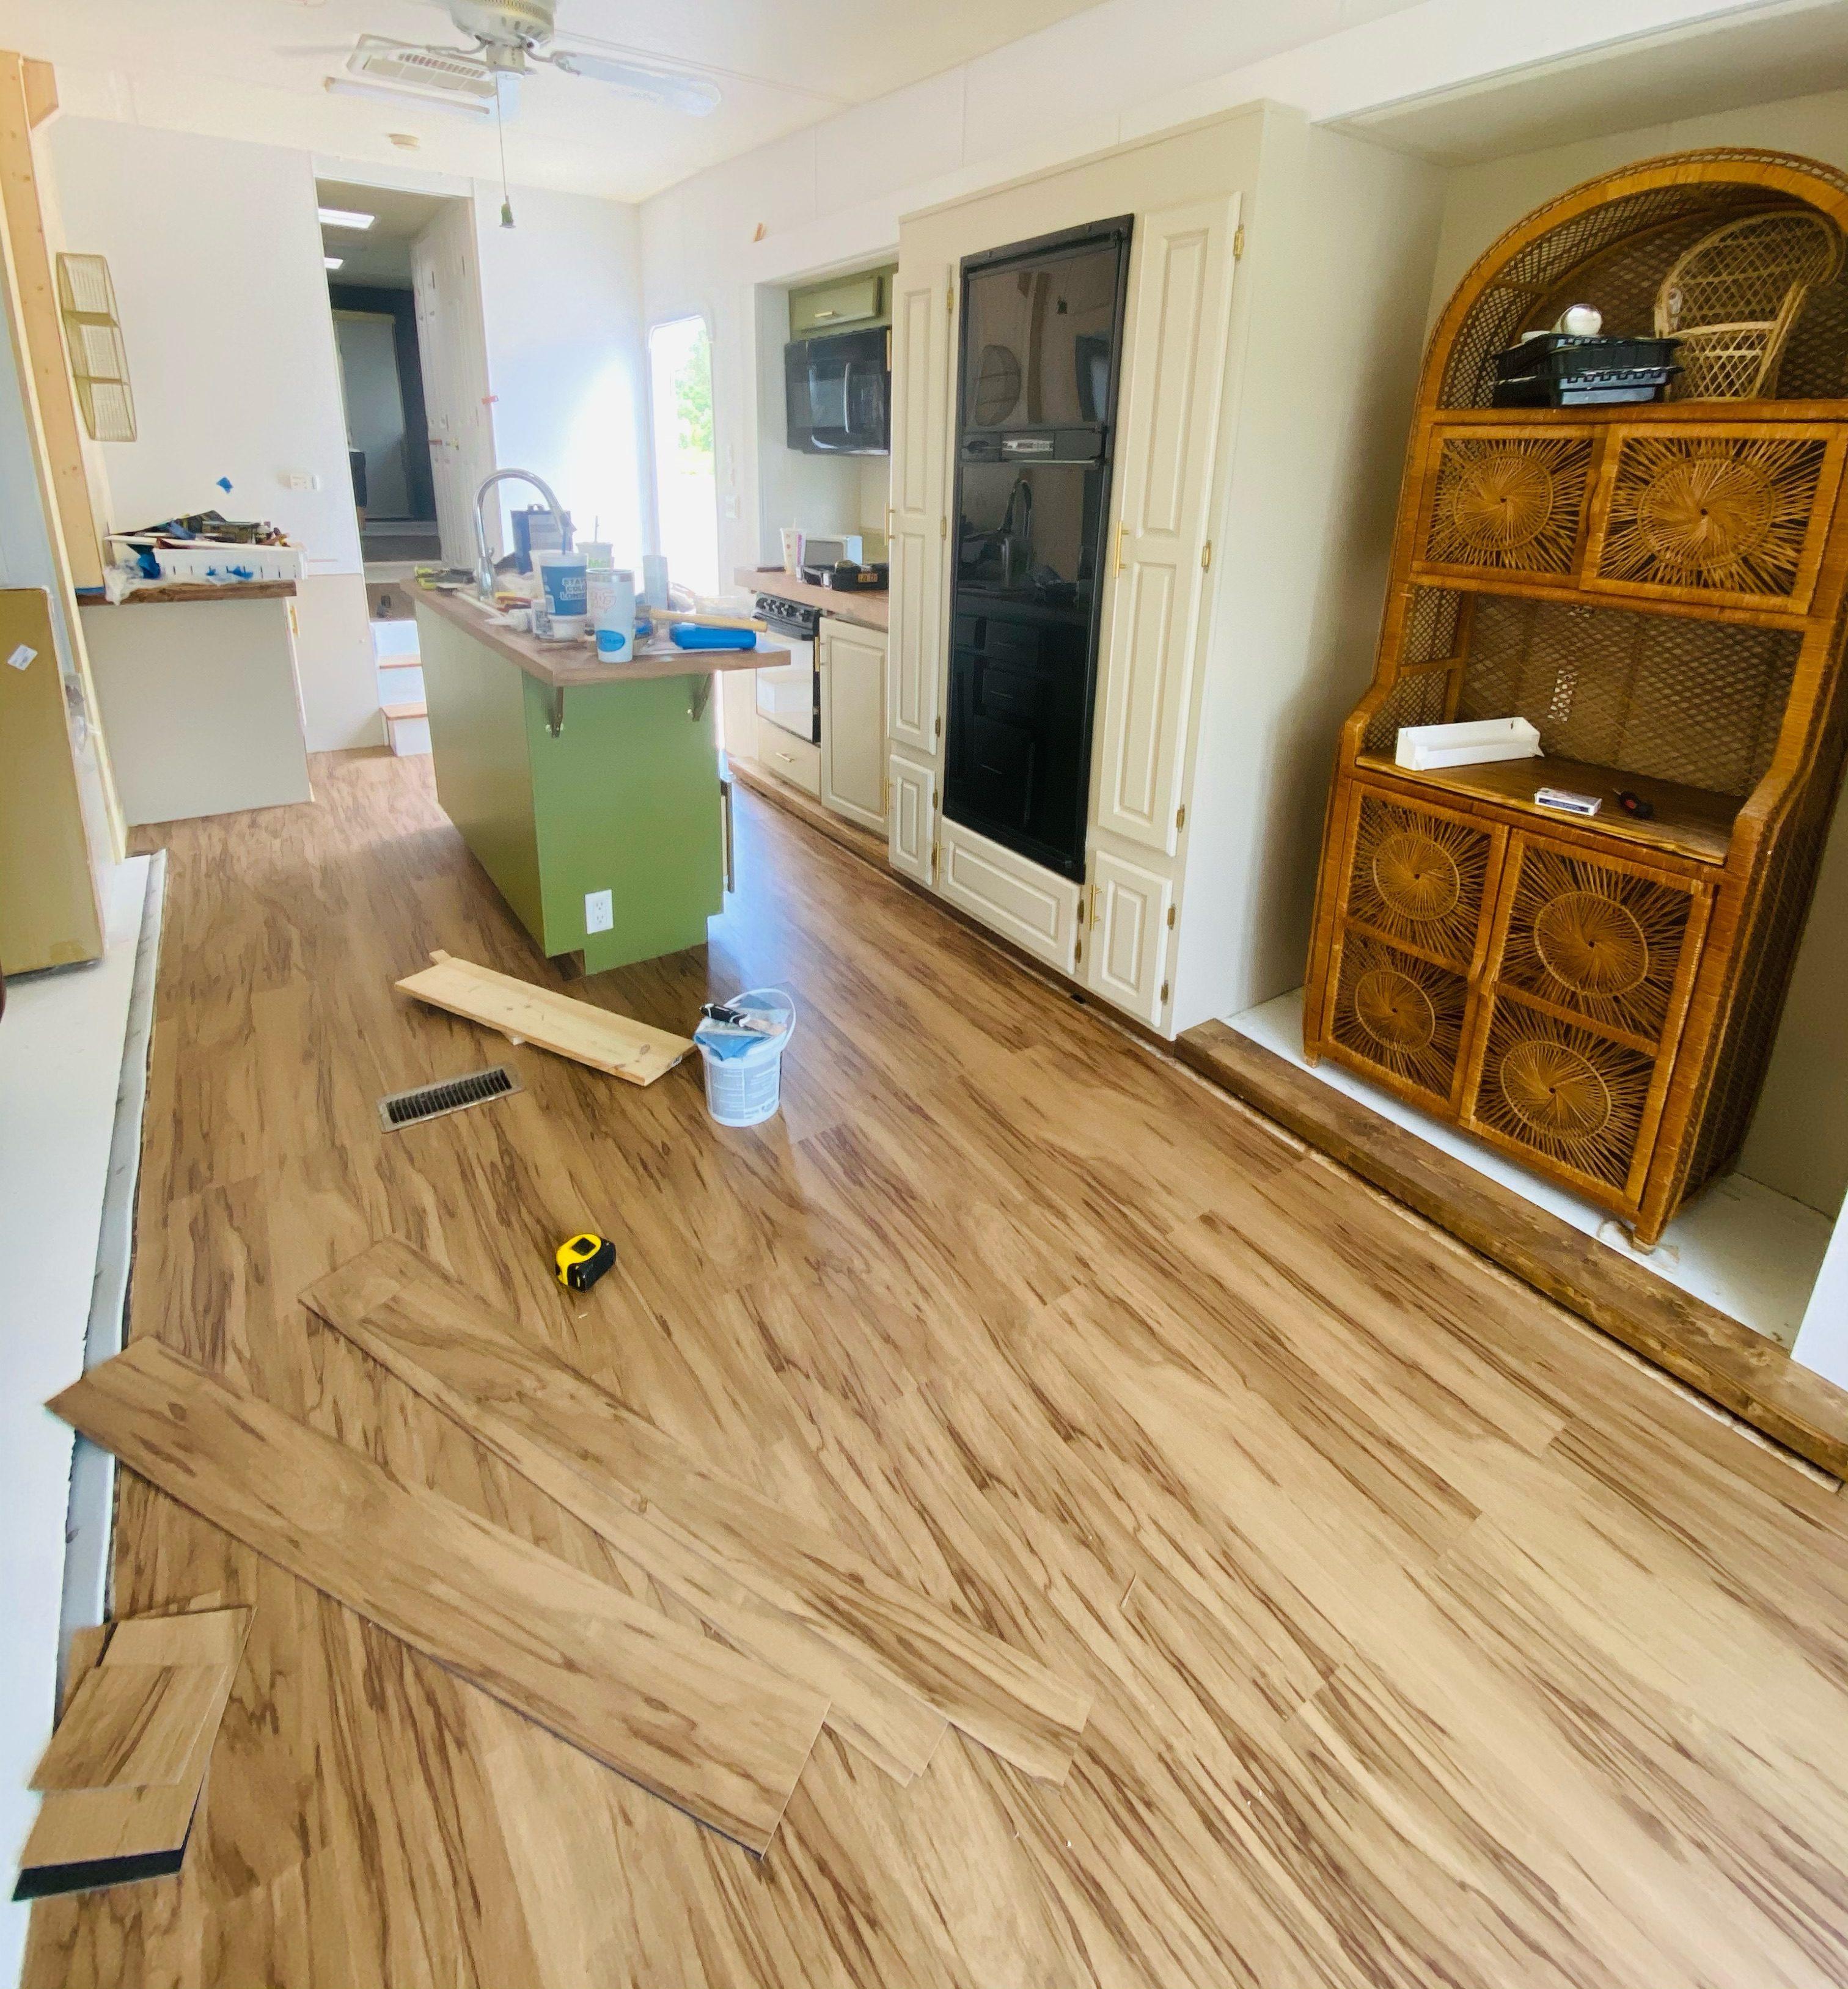 New plank flooring around a kitchen island.